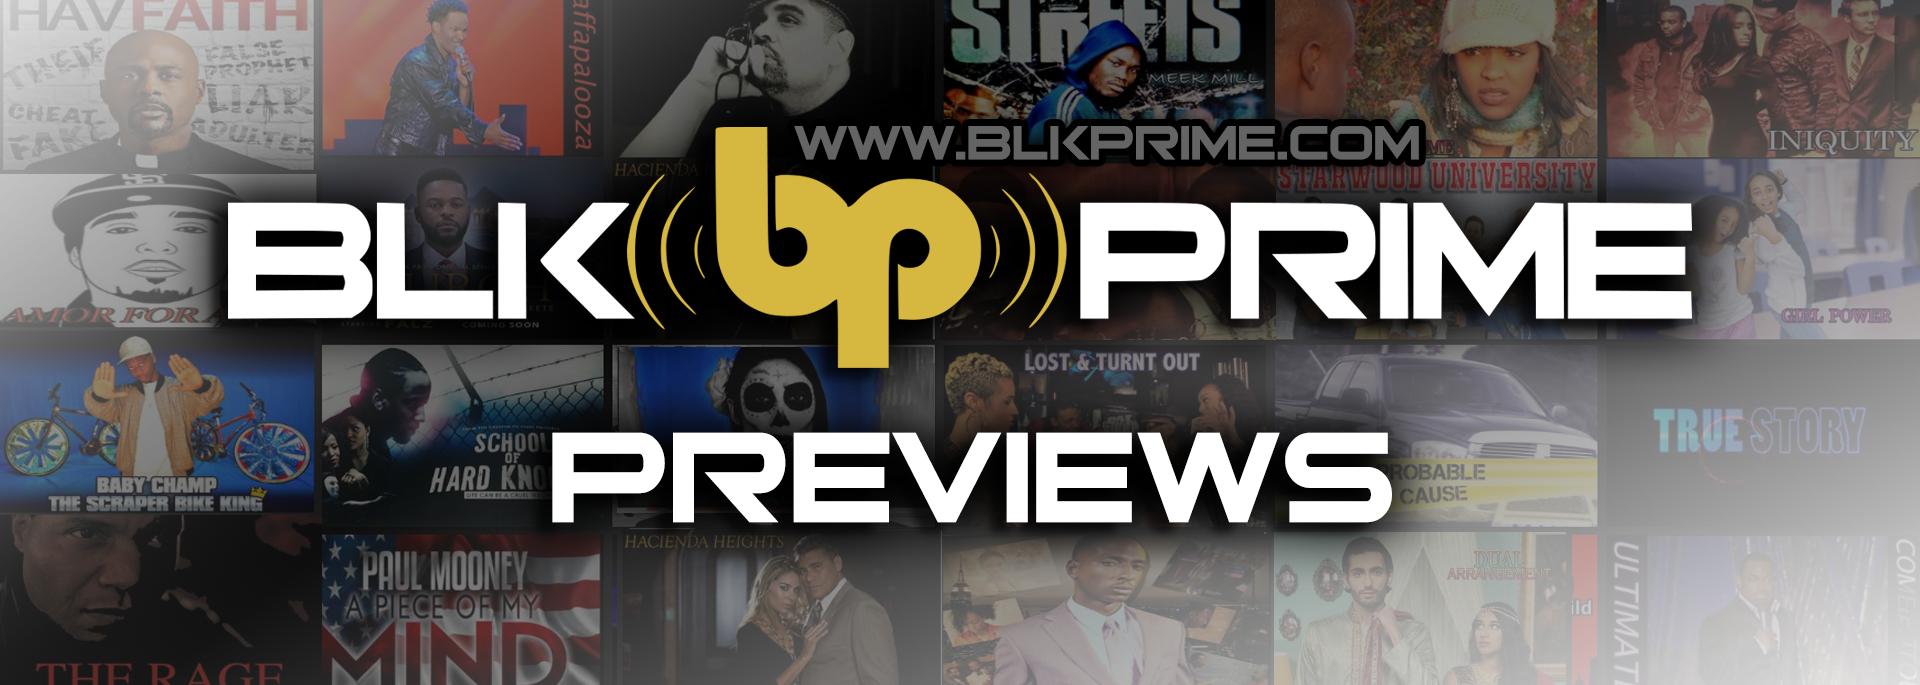 BLK PRIME Previews channel